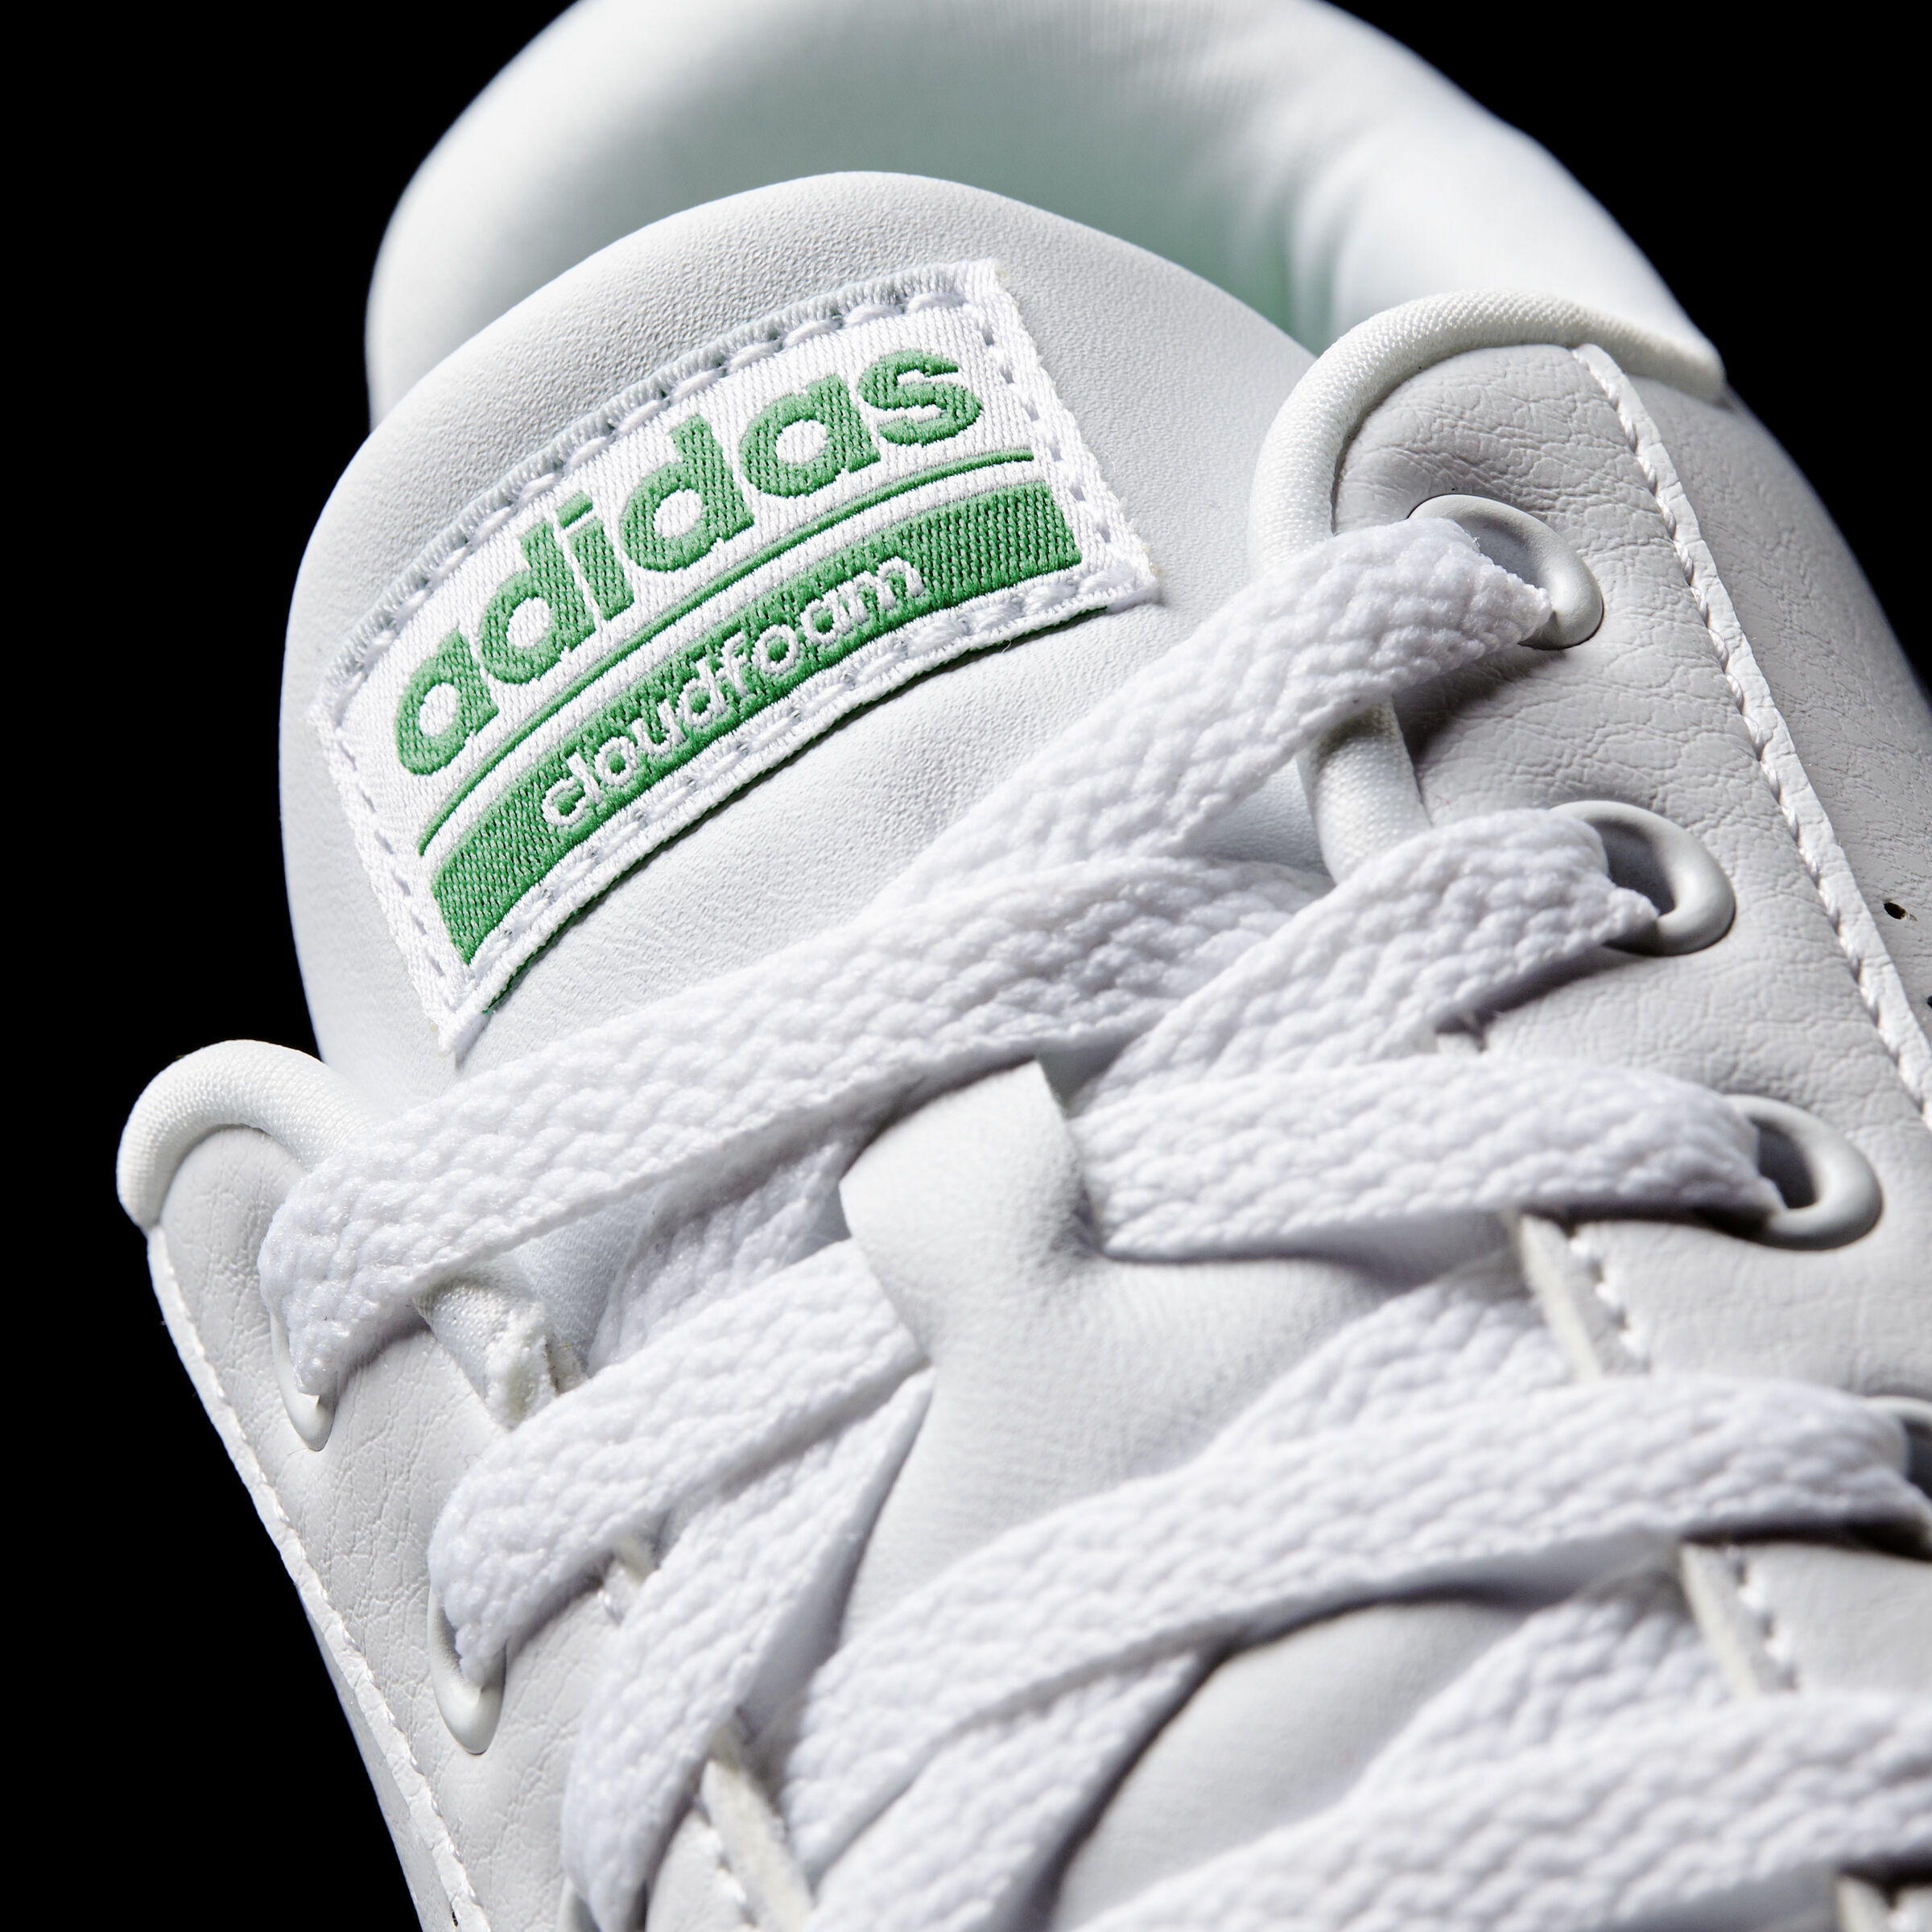 adidas Cloudfoam Advantage Clean Fitnessschuh Herren Weiß